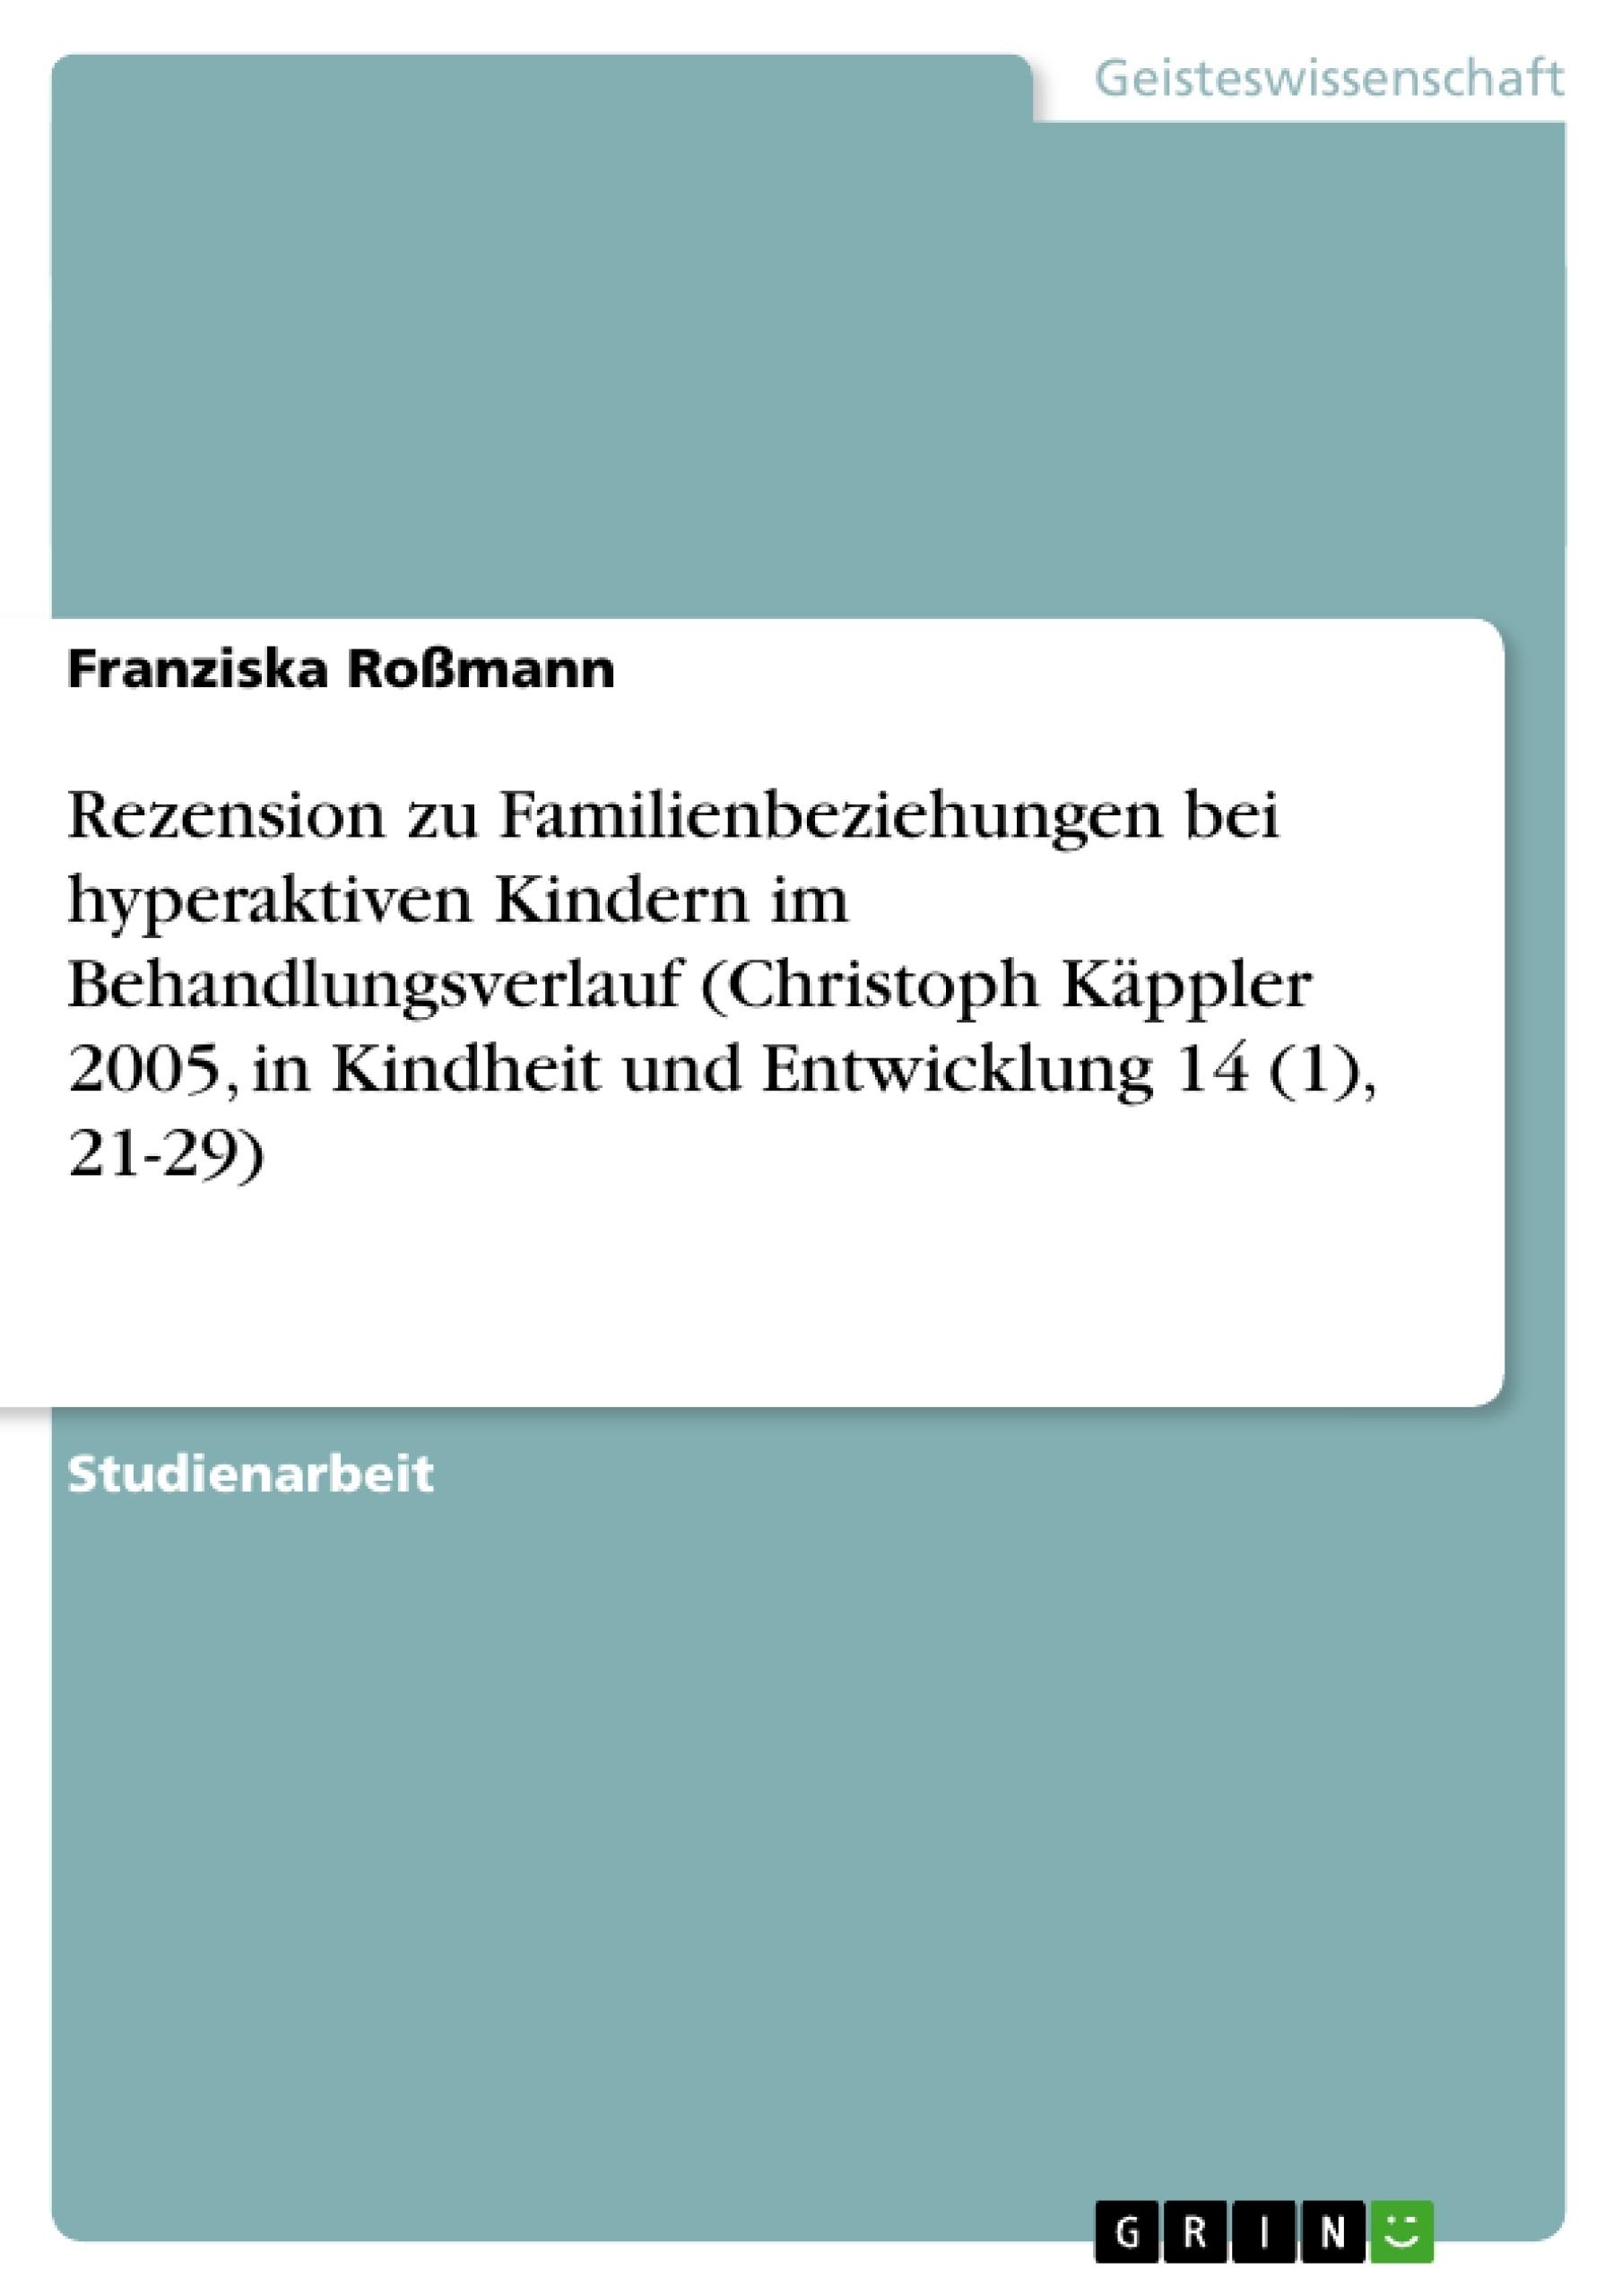 Titel: Rezension zu Familienbeziehungen bei hyperaktiven Kindern im Behandlungsverlauf (Christoph Käppler 2005, in Kindheit und Entwicklung 14 (1), 21-29)